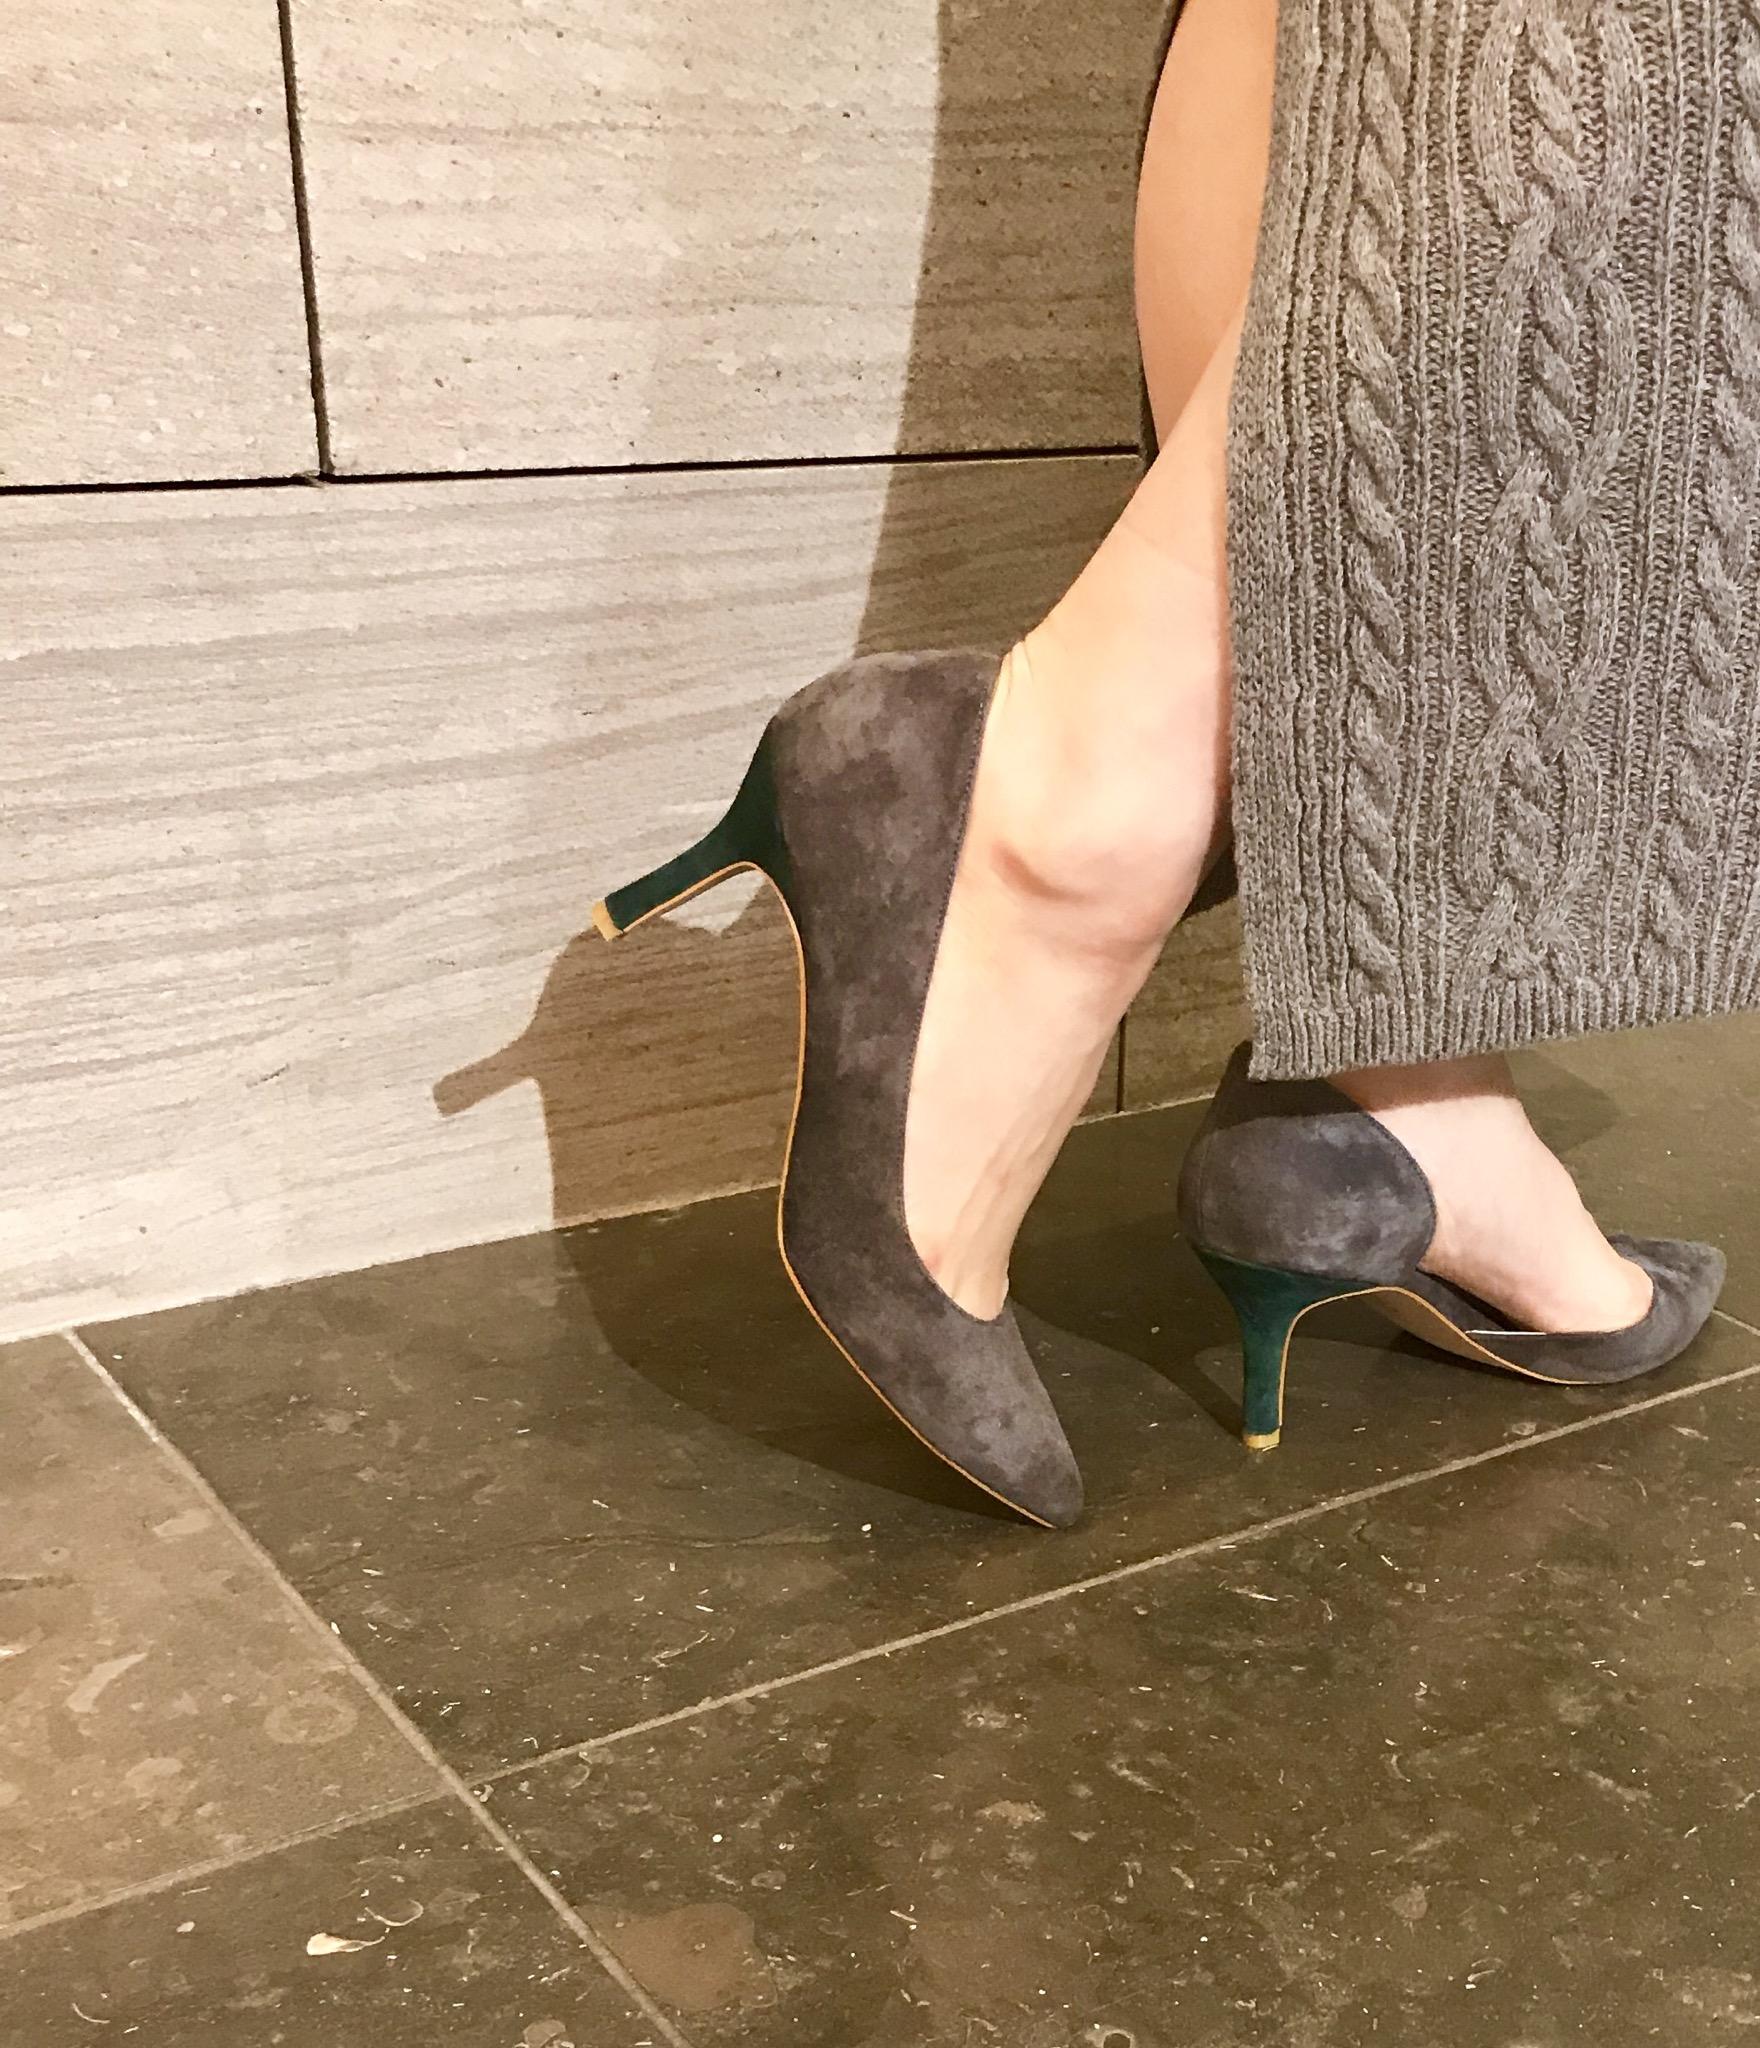 スクラップブック Scrap Book アトネックバイスクラップブック 有楽町マルイ 可愛い パンプス レザーパンプス スウェードパンプス アシメントリー 豚革 神戸 靴職人 インソールクッション バイカラー ピンヒール